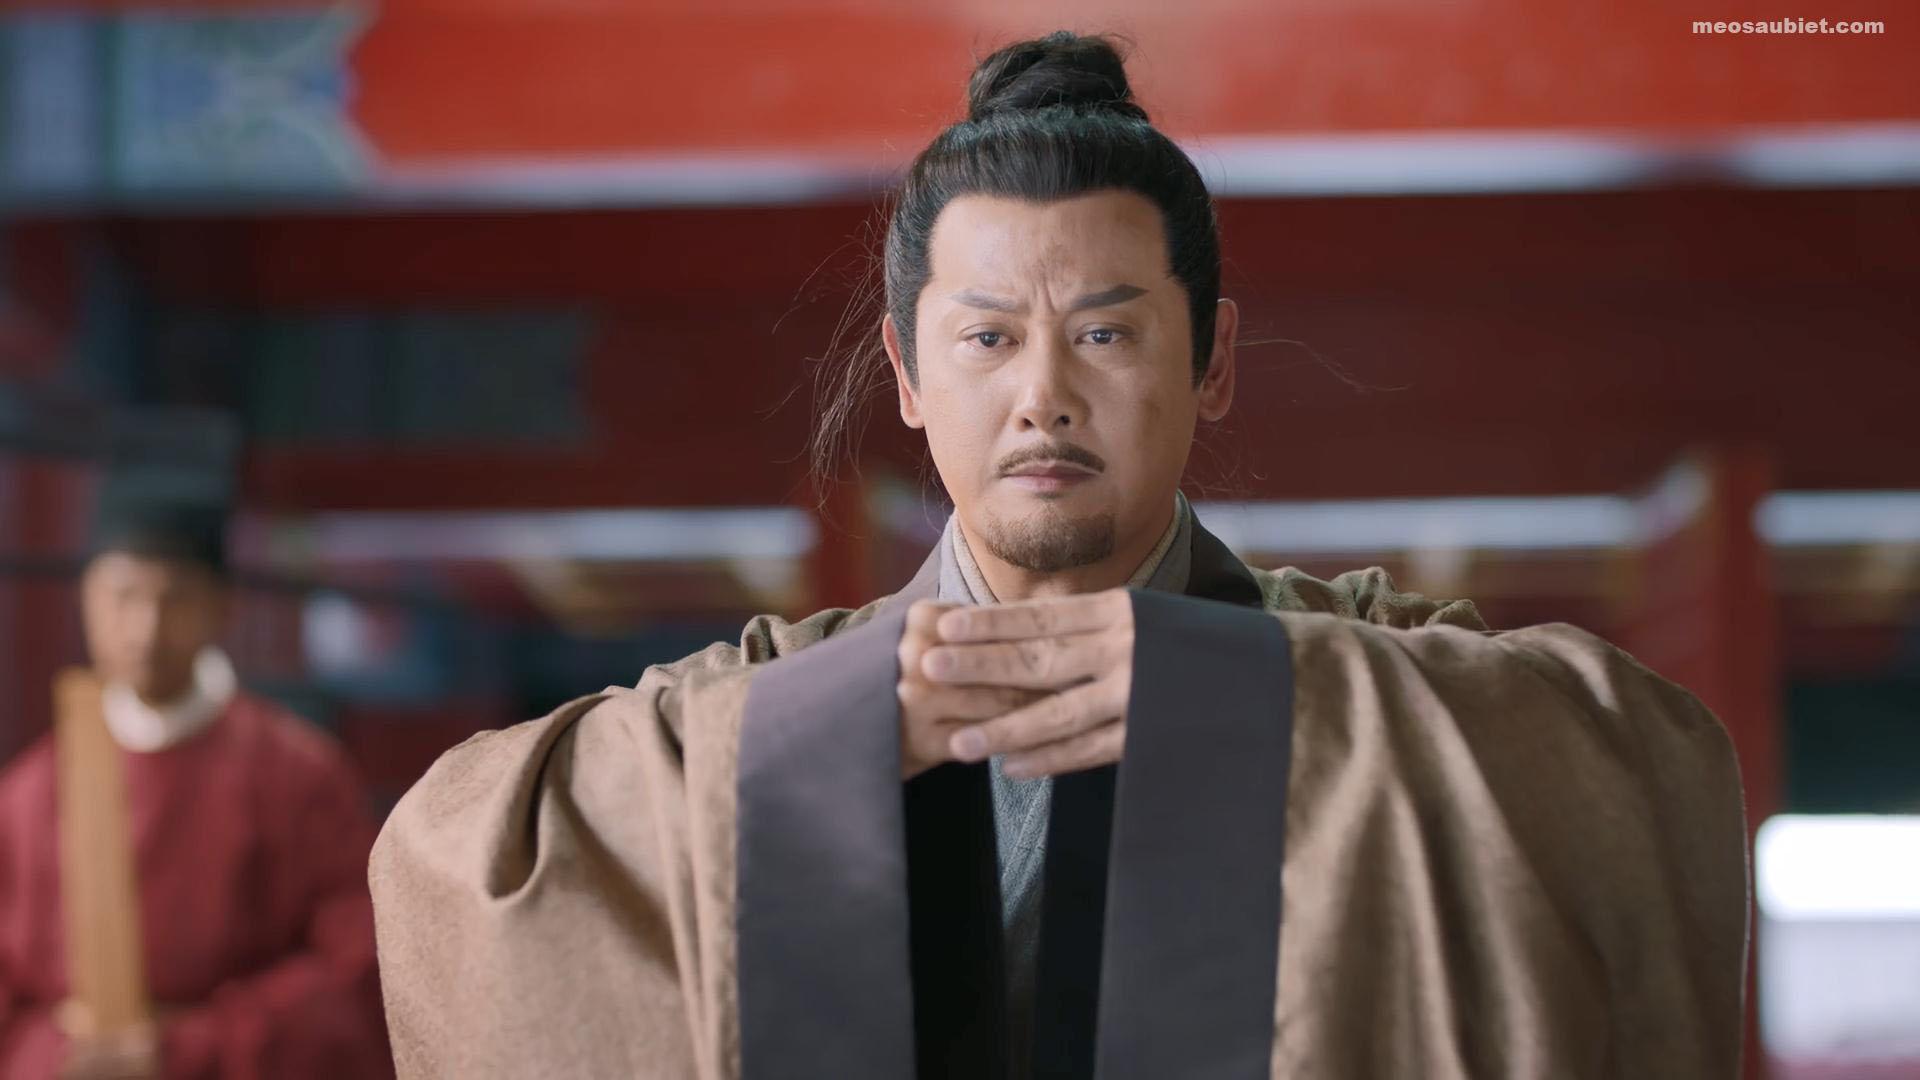 Hạc Lệ Hoa Đình 2019 Khưu Tâm Chí trong vai Lục Anh